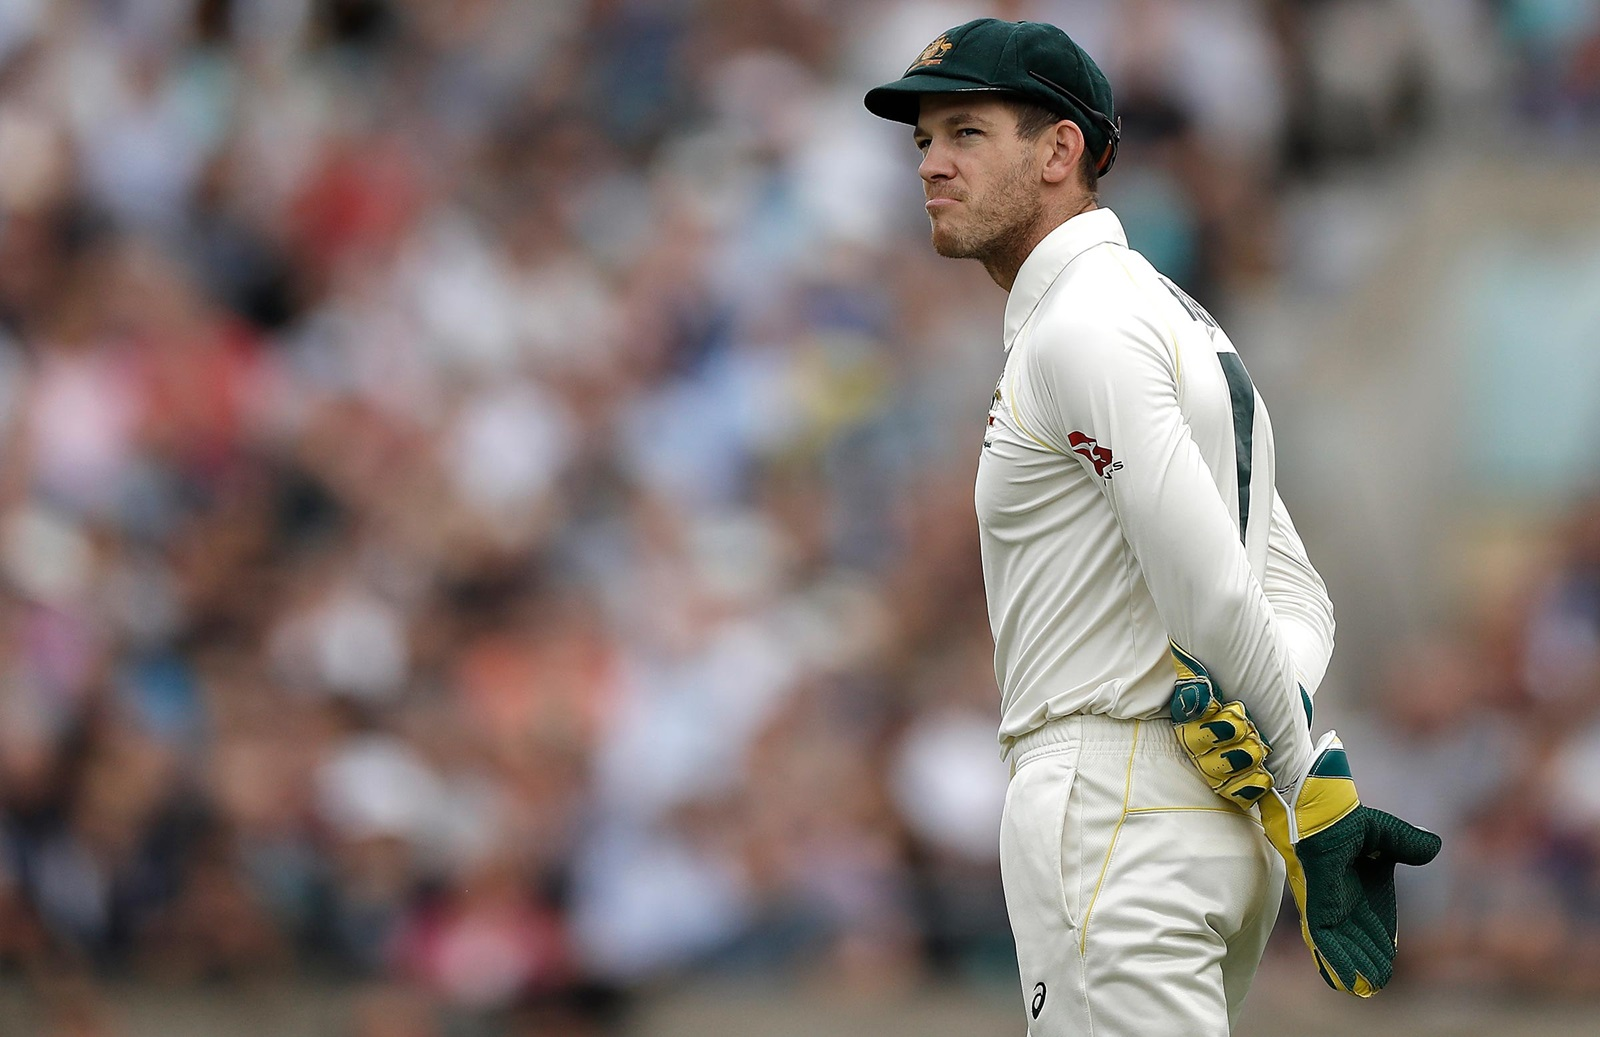 भारत और ऑस्ट्रेलिया के बीच होने वाले तीसरा मैच शिफ्ट हो सकता है दूसरे जगह 1